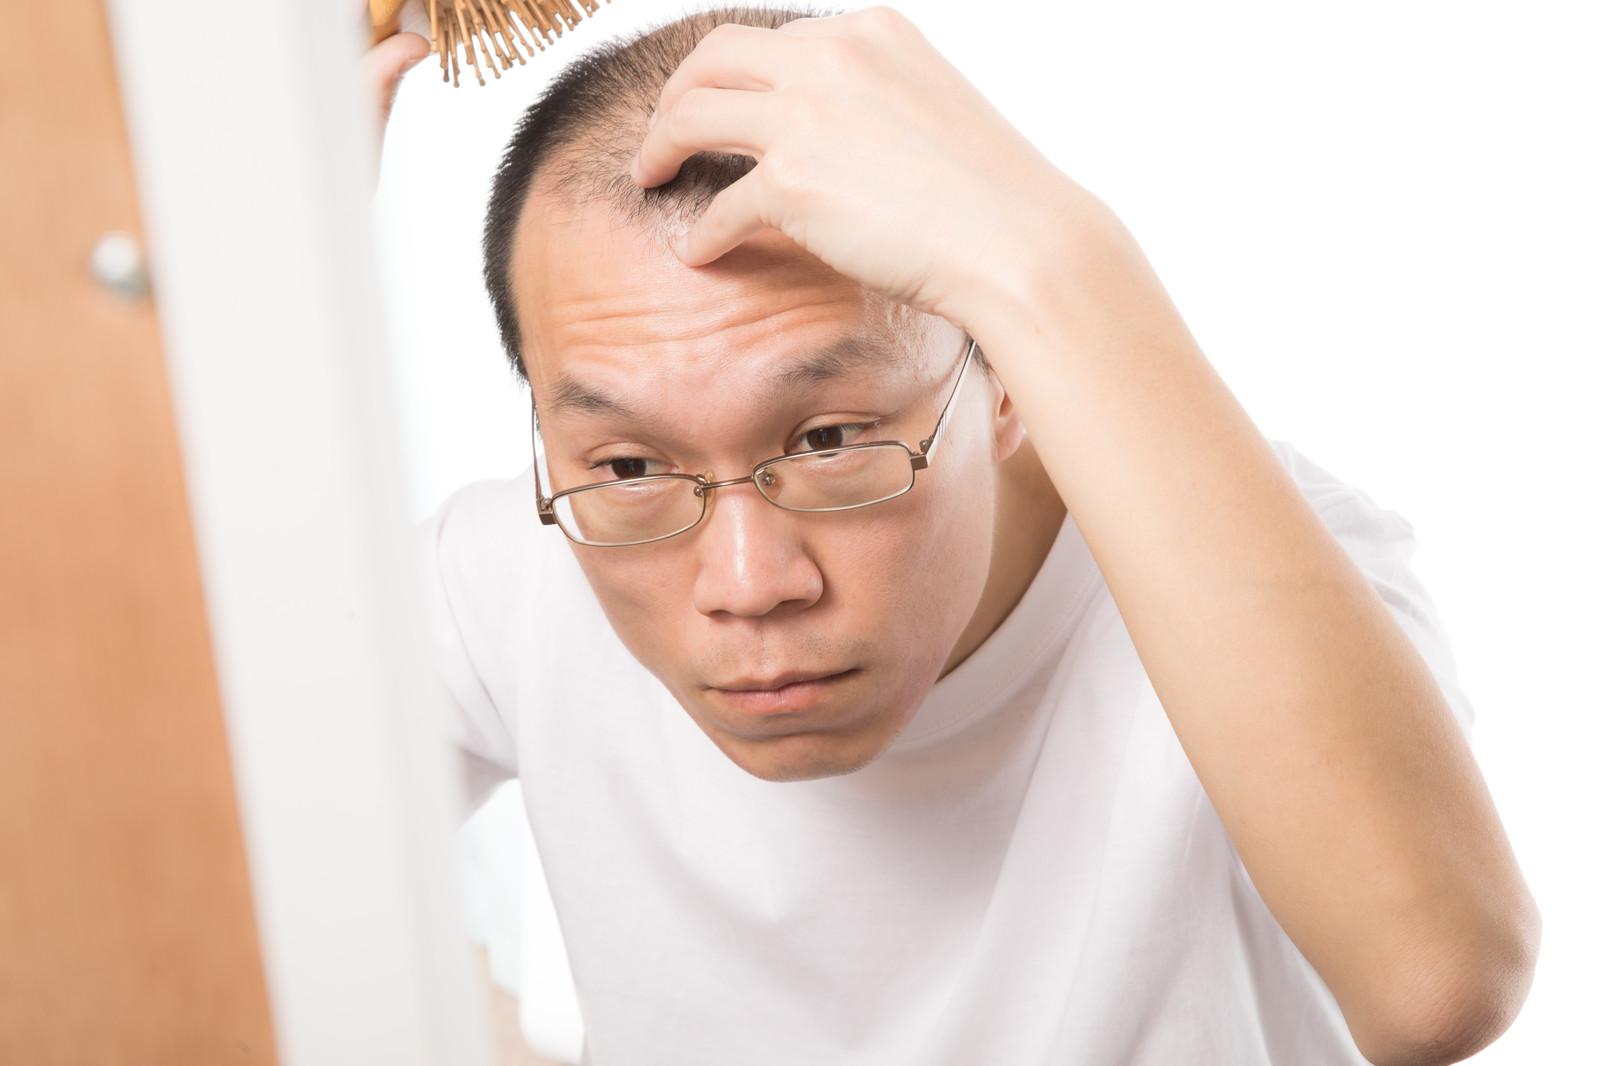 ビュリクシールの効果とは?最大配合の薄毛治療サプリ「SHEE+」が安いのは?比較4選